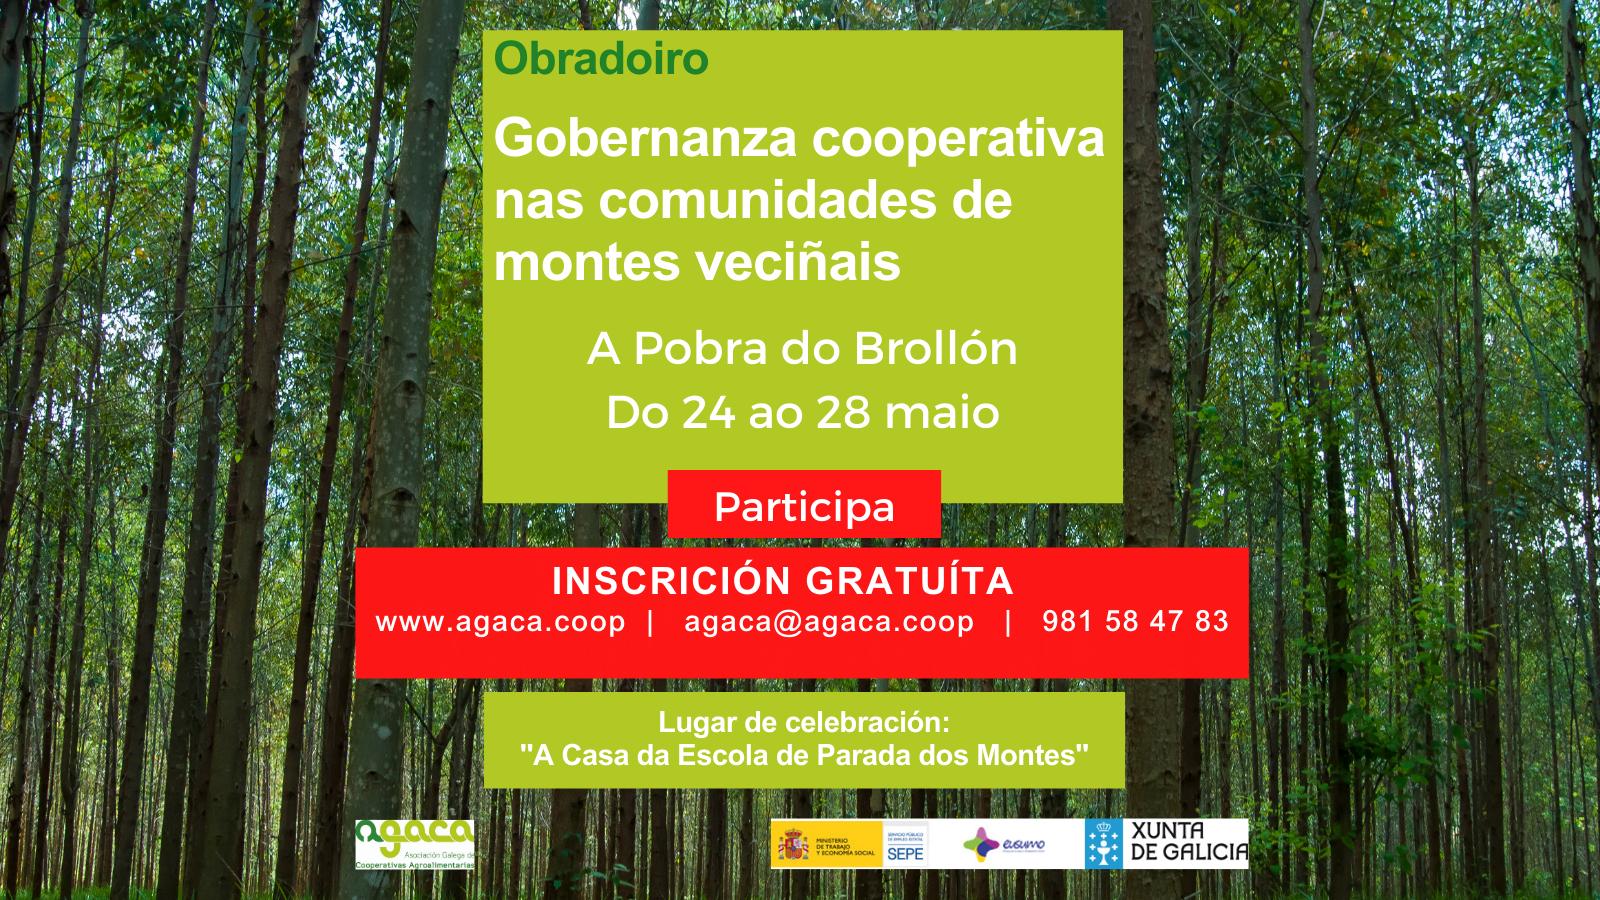 El 24 de mayo comienza en A Pobra do Brollón el obradoiro «Gobernanza Cooperativa en las Comunidades de Montes Vecinales»